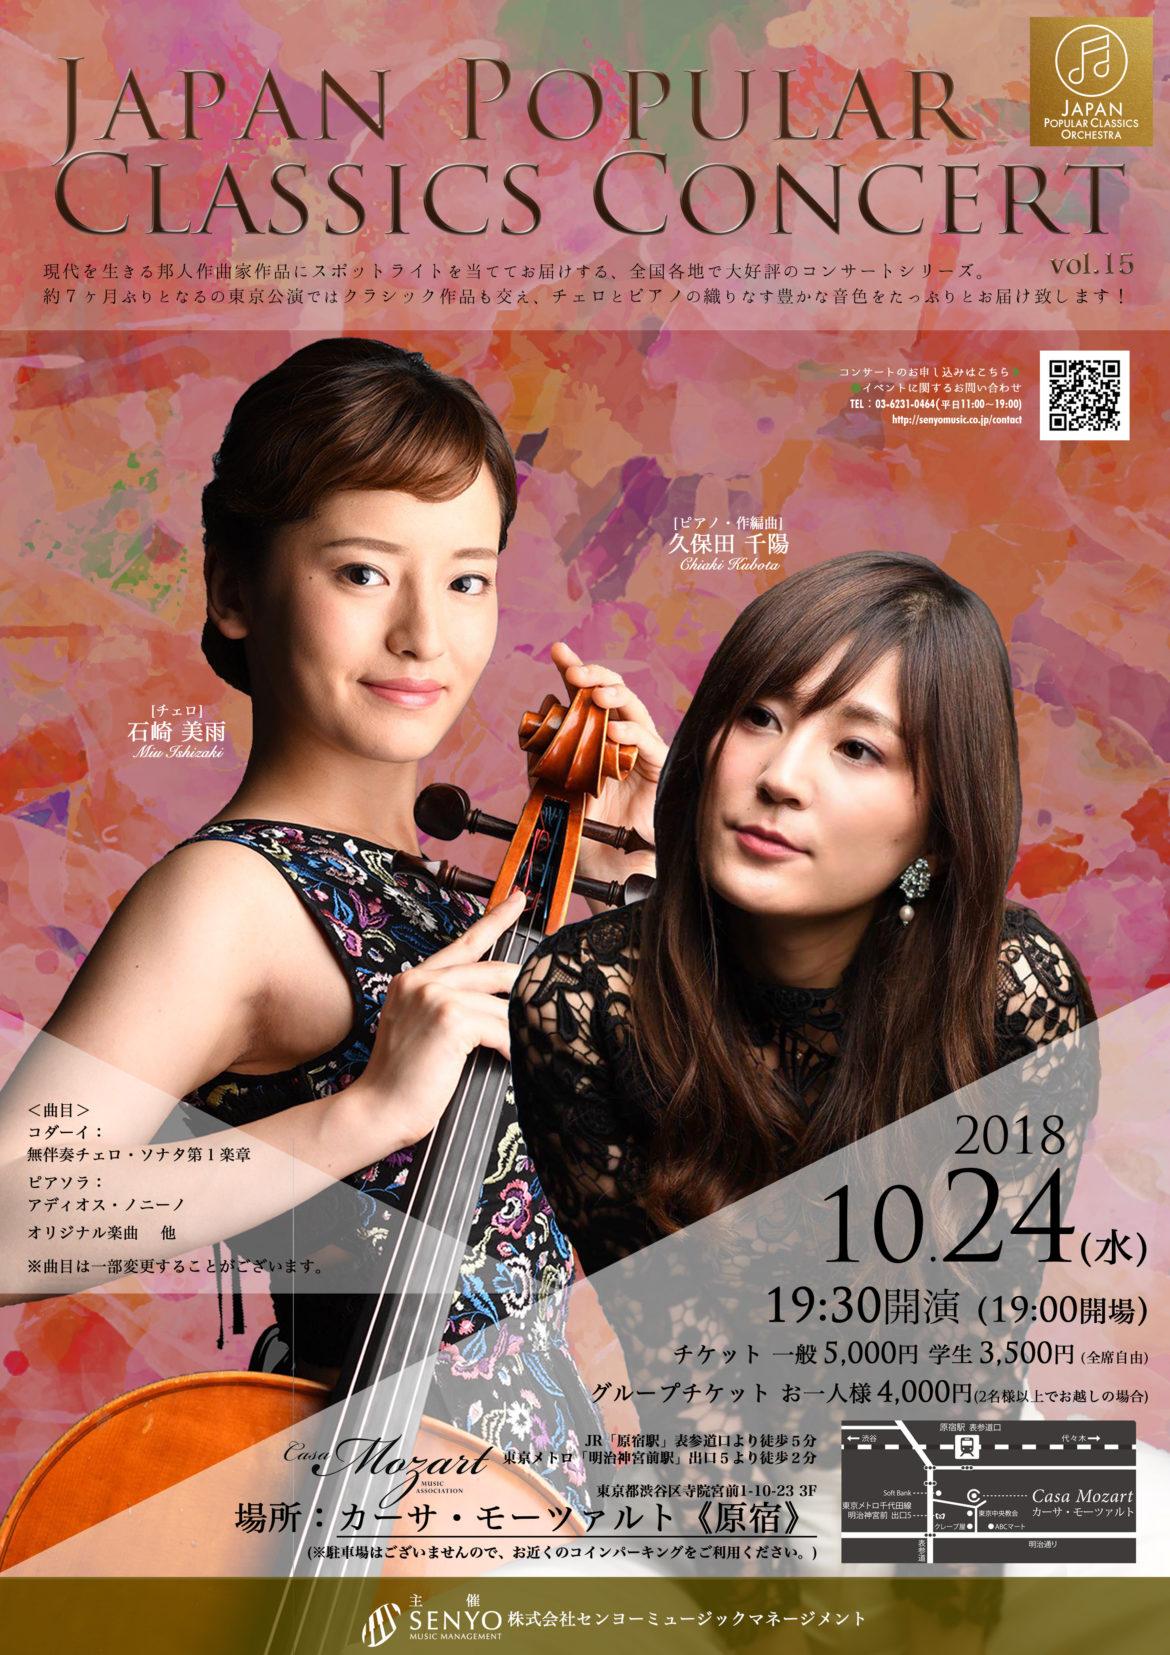 2018.10.24 第15回 JAPAN POPULAR CLASSICS CONCERT